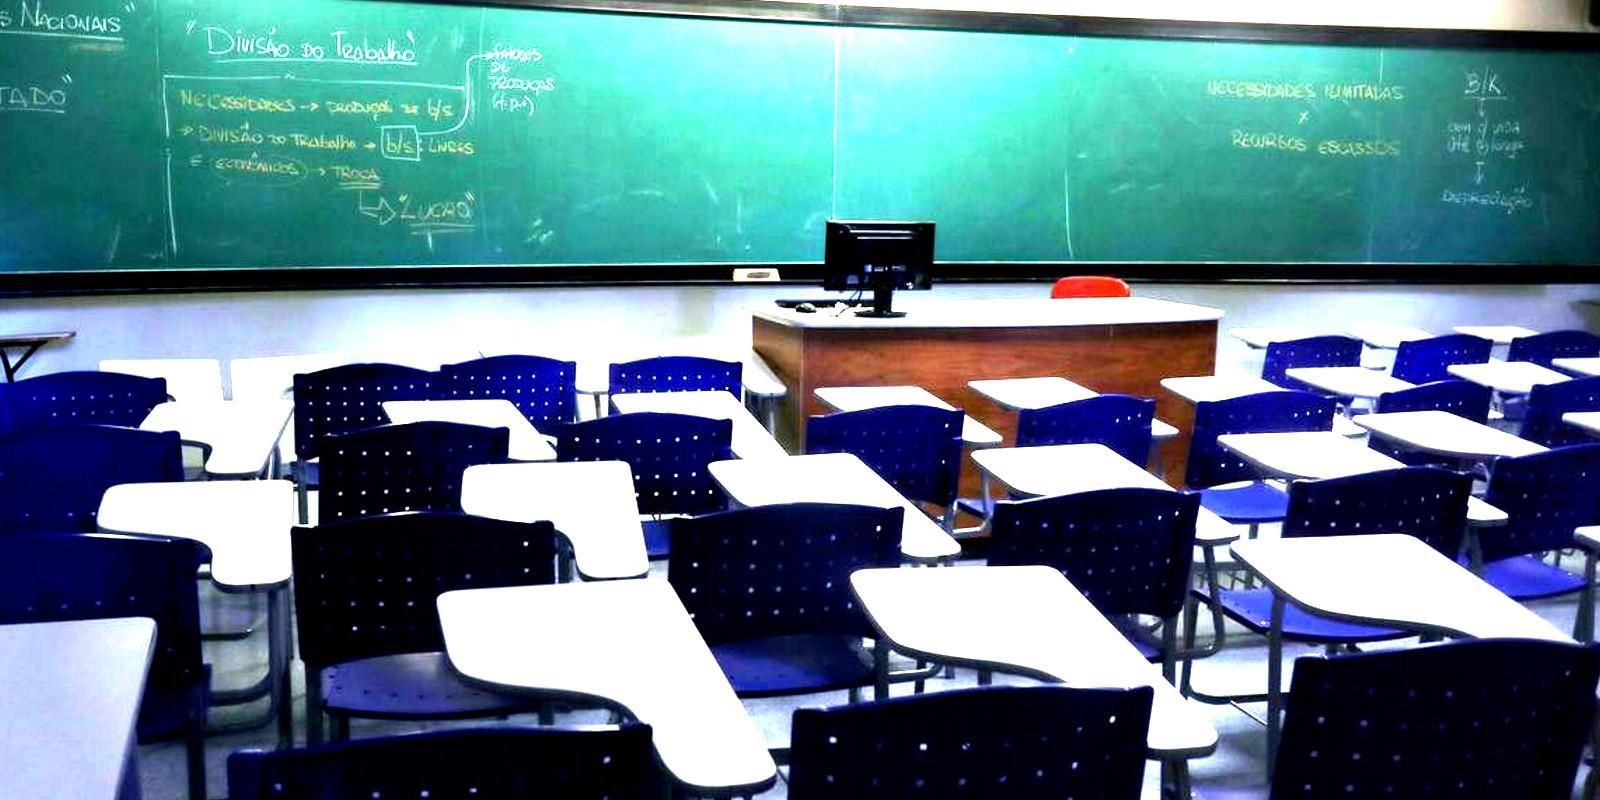 Em 3 de agosto, escolas privadas devem retornar aulas presenciais no RJ